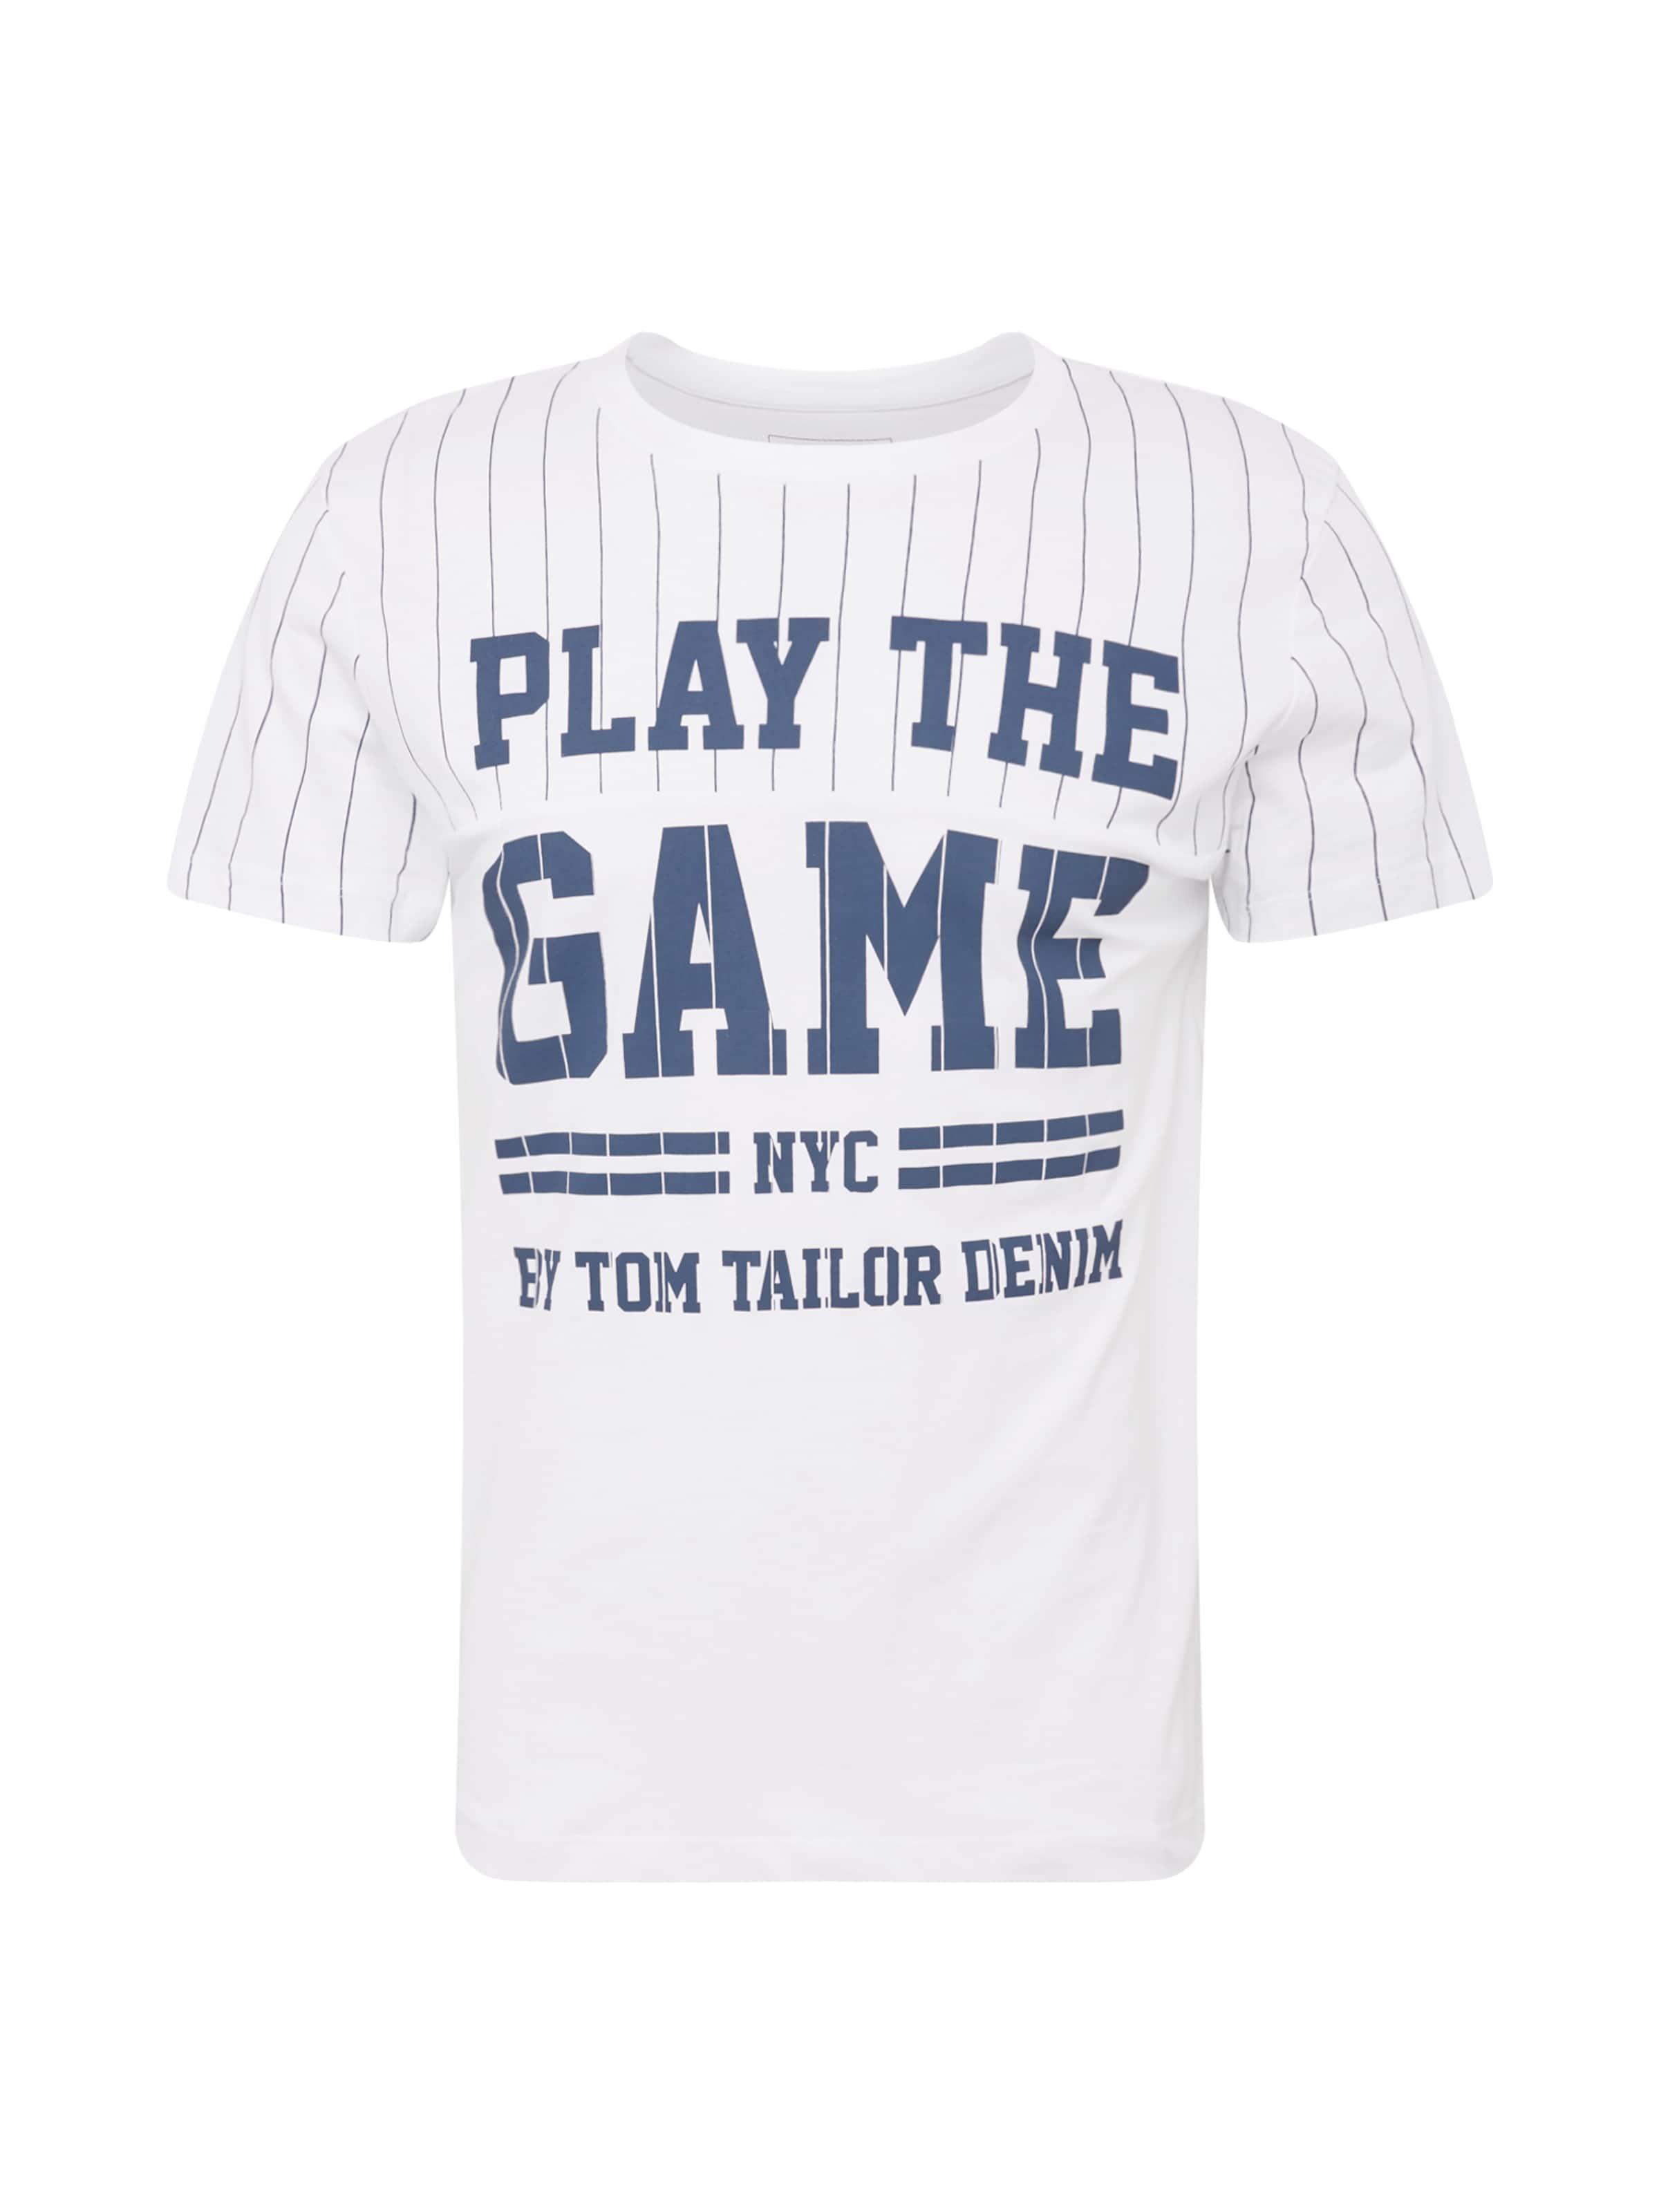 Tom Denim T Tailor shirt BlauWeiß In zpSMVqU